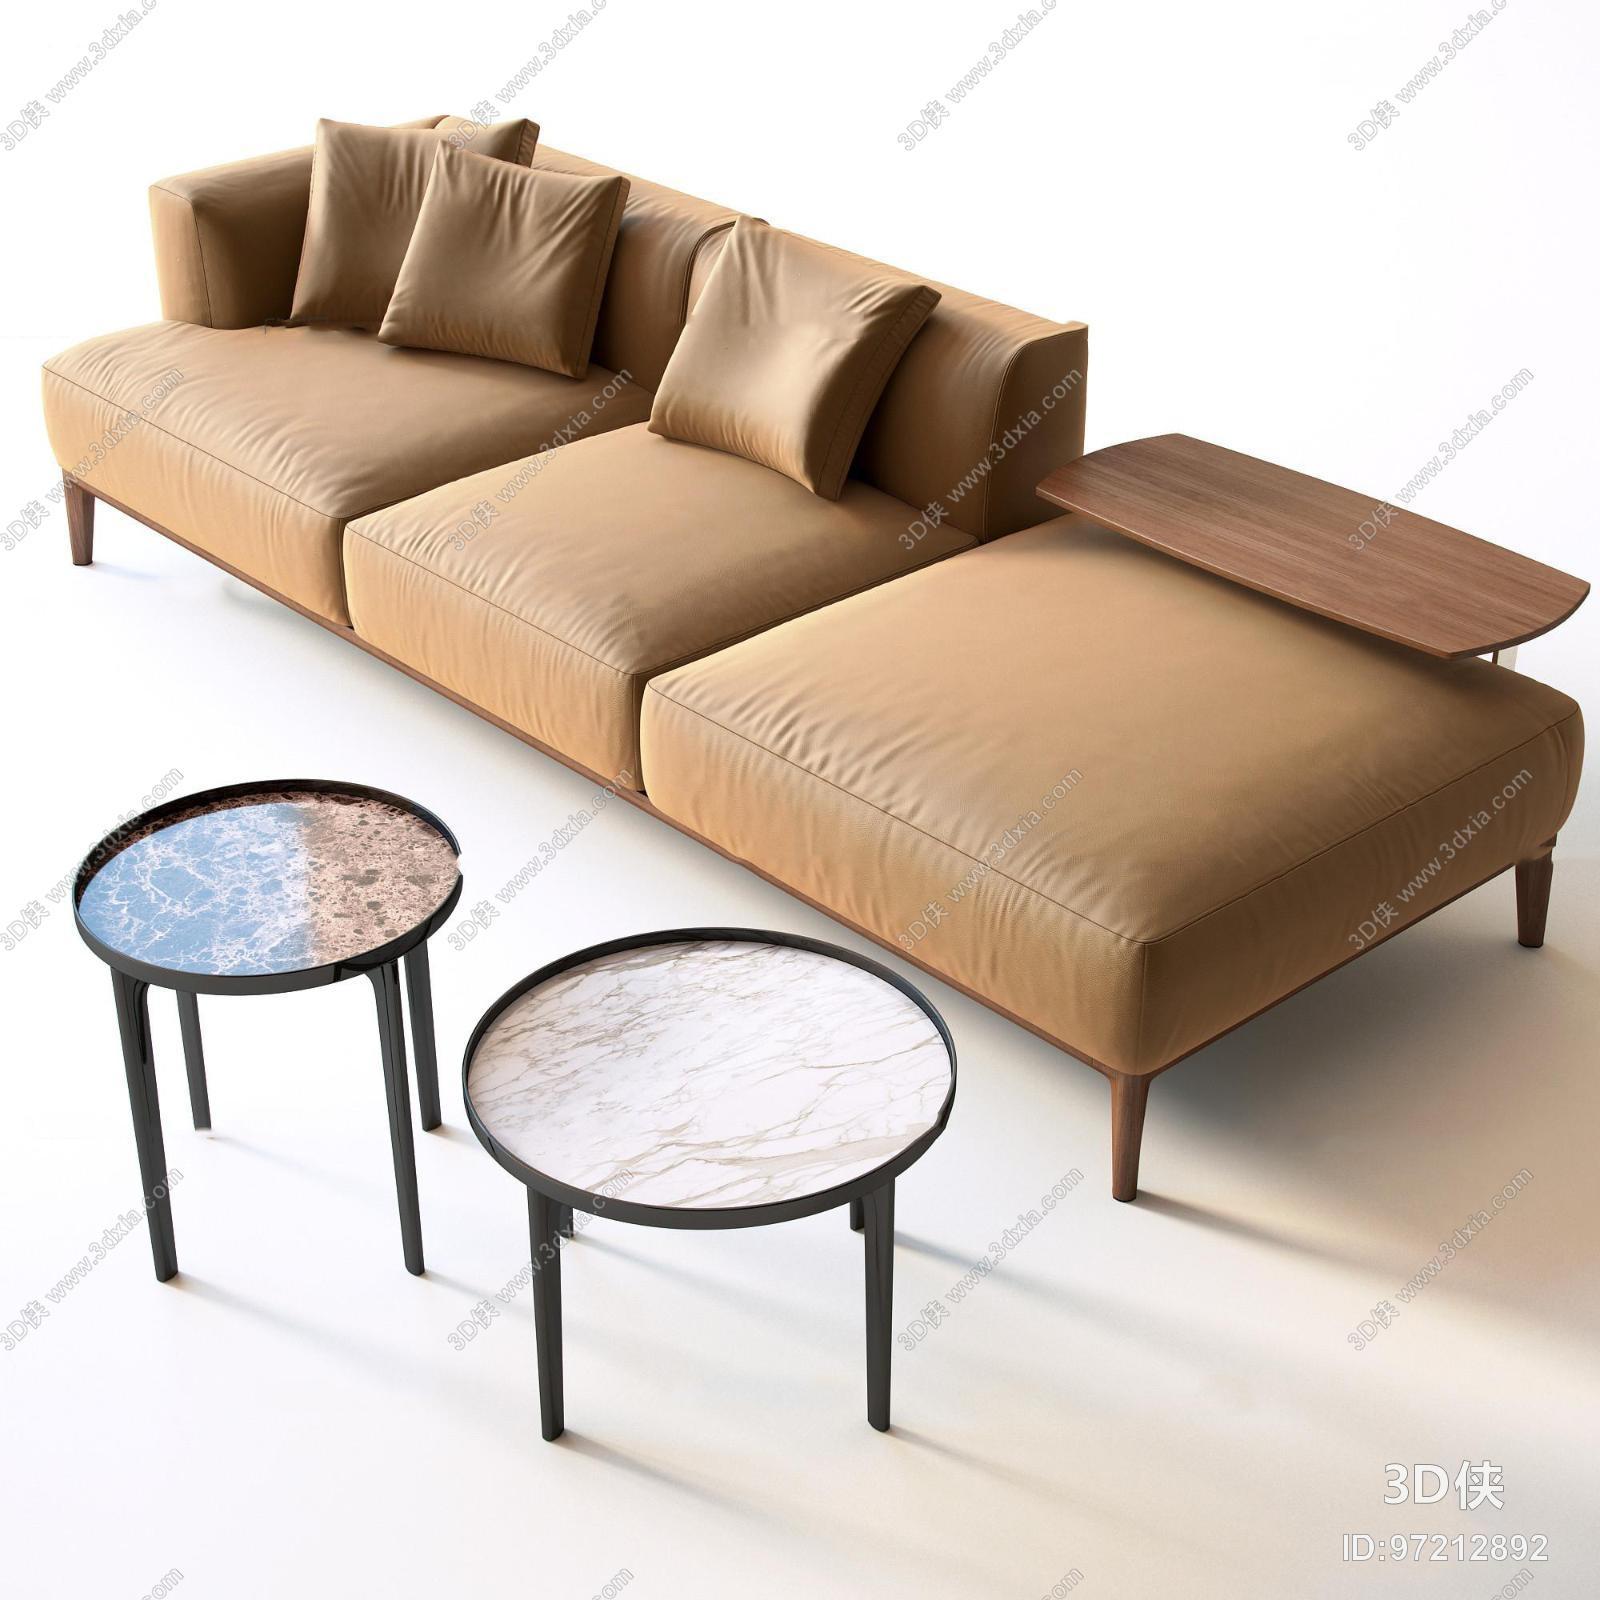 多人沙发效果图素材免费下载,本作品主题是现代多人沙发茶几组合3d